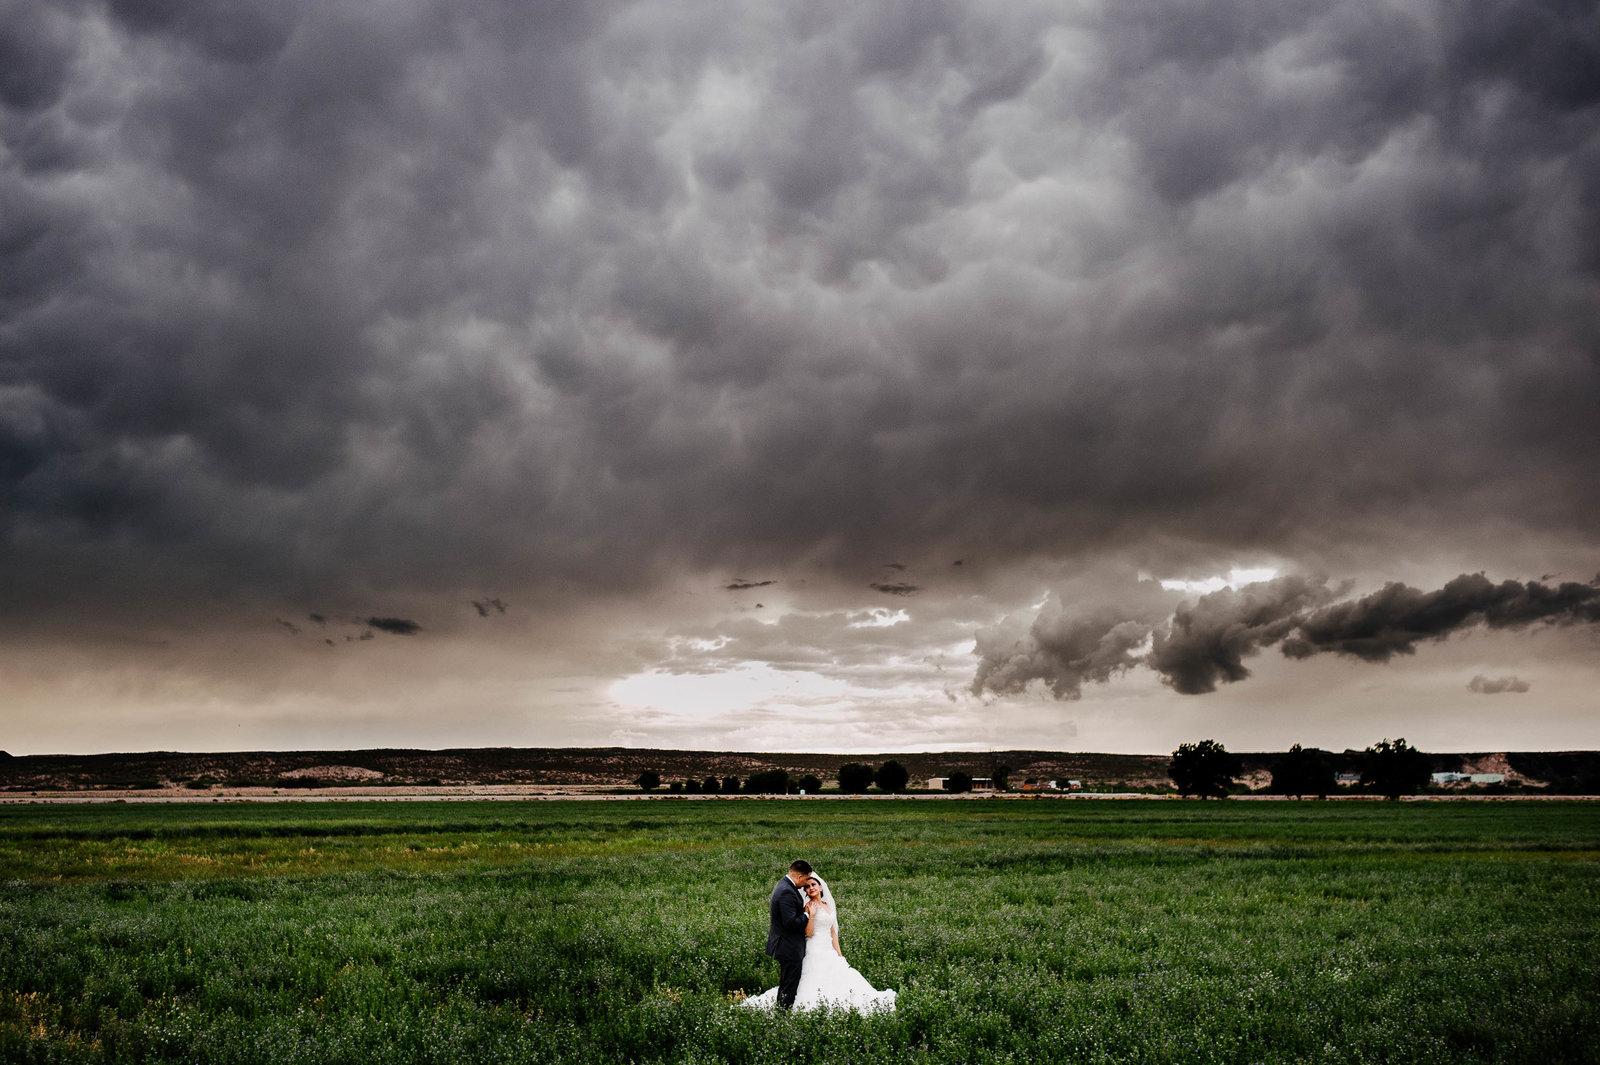 229-El-paso-wedding-photographer-ElFe_0456